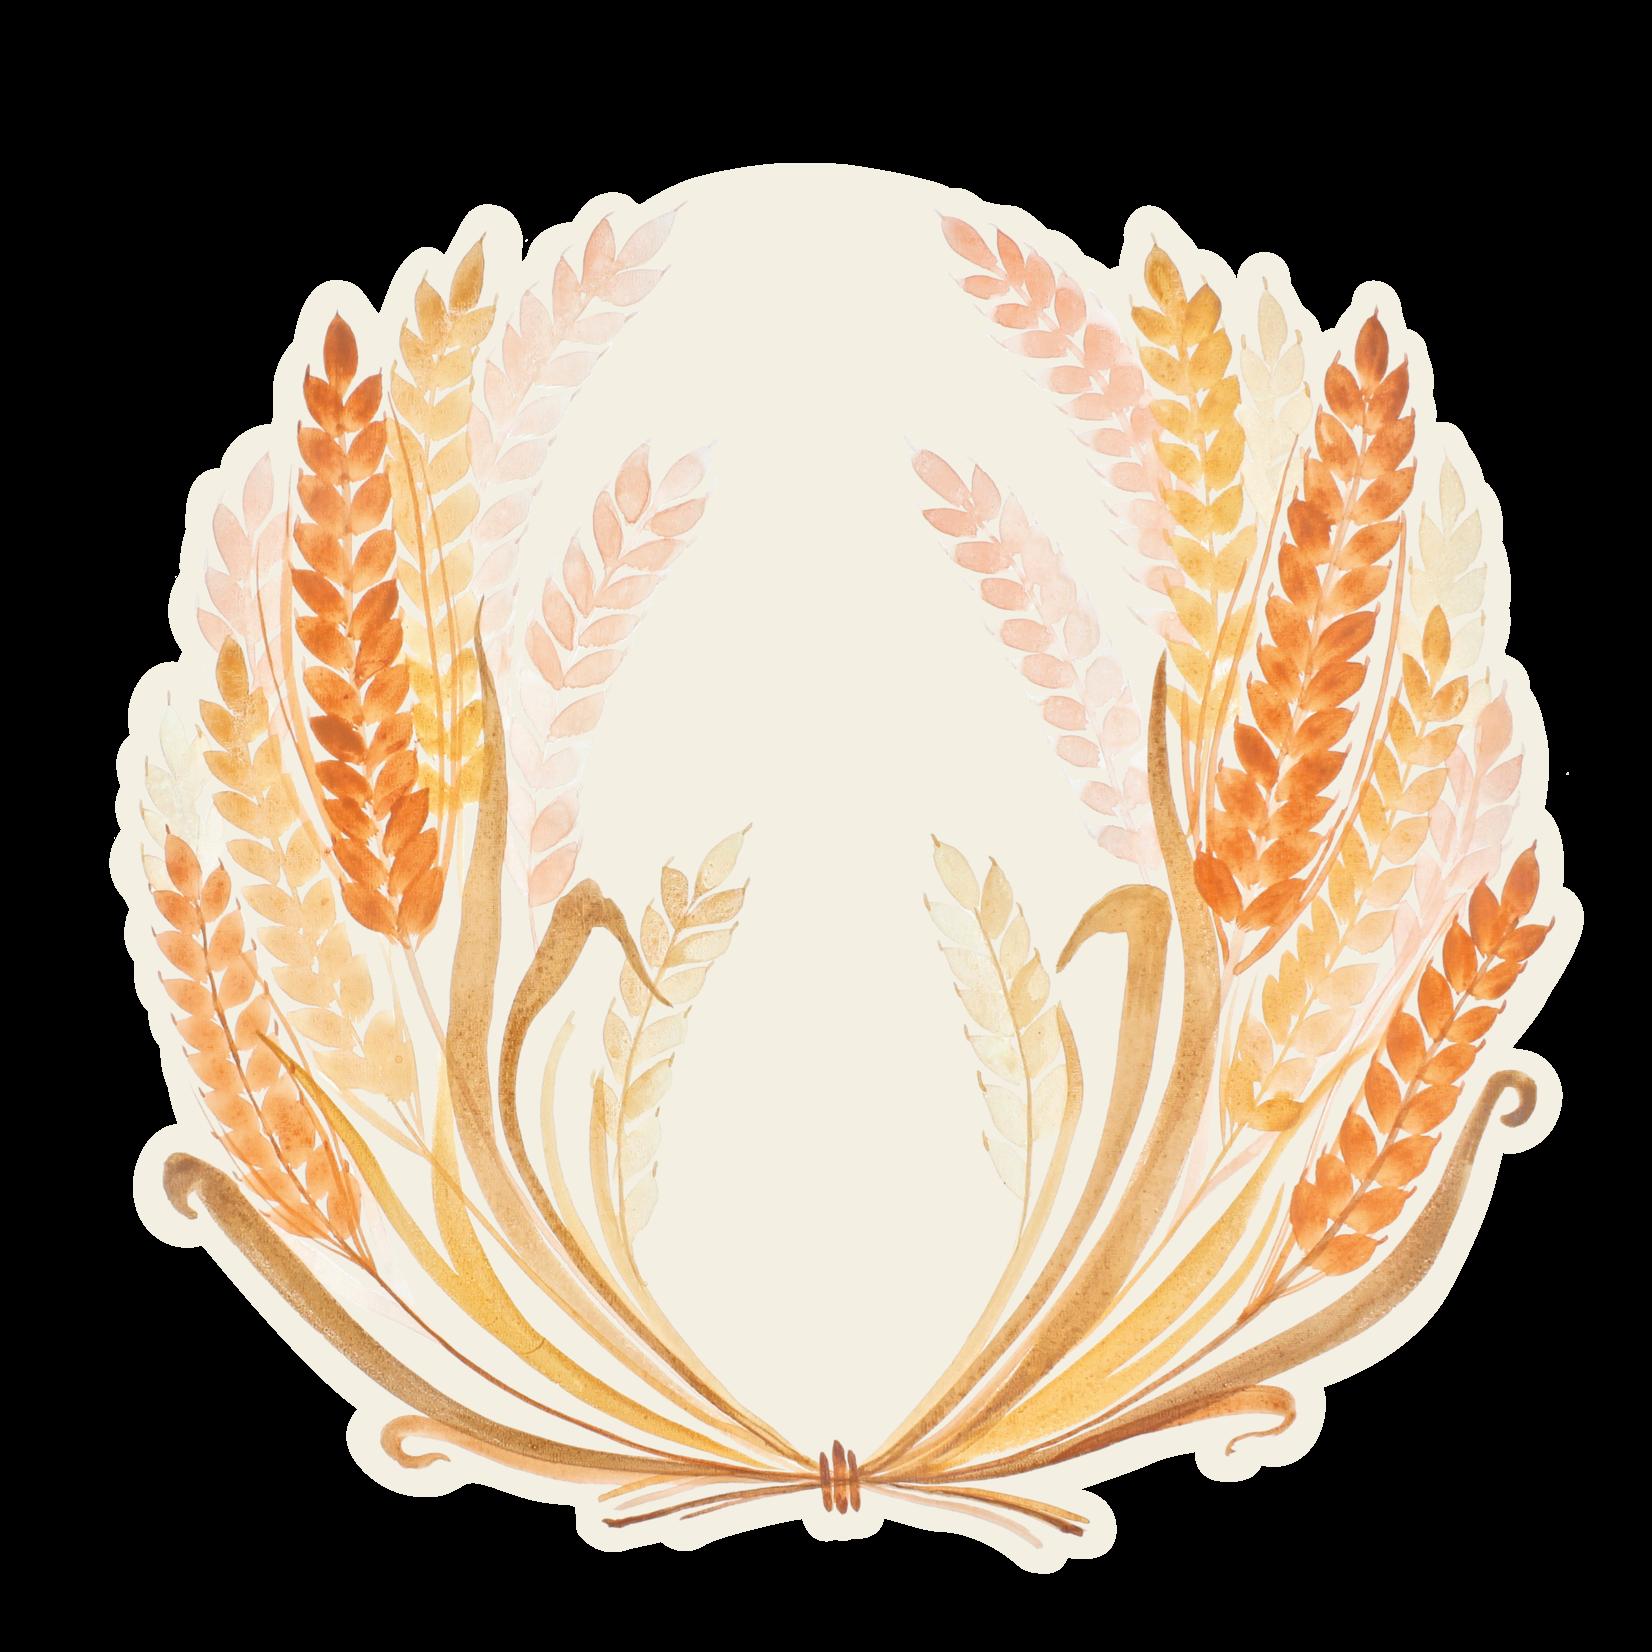 Die Cut Golden Harvest Placemat- 12 Sheets